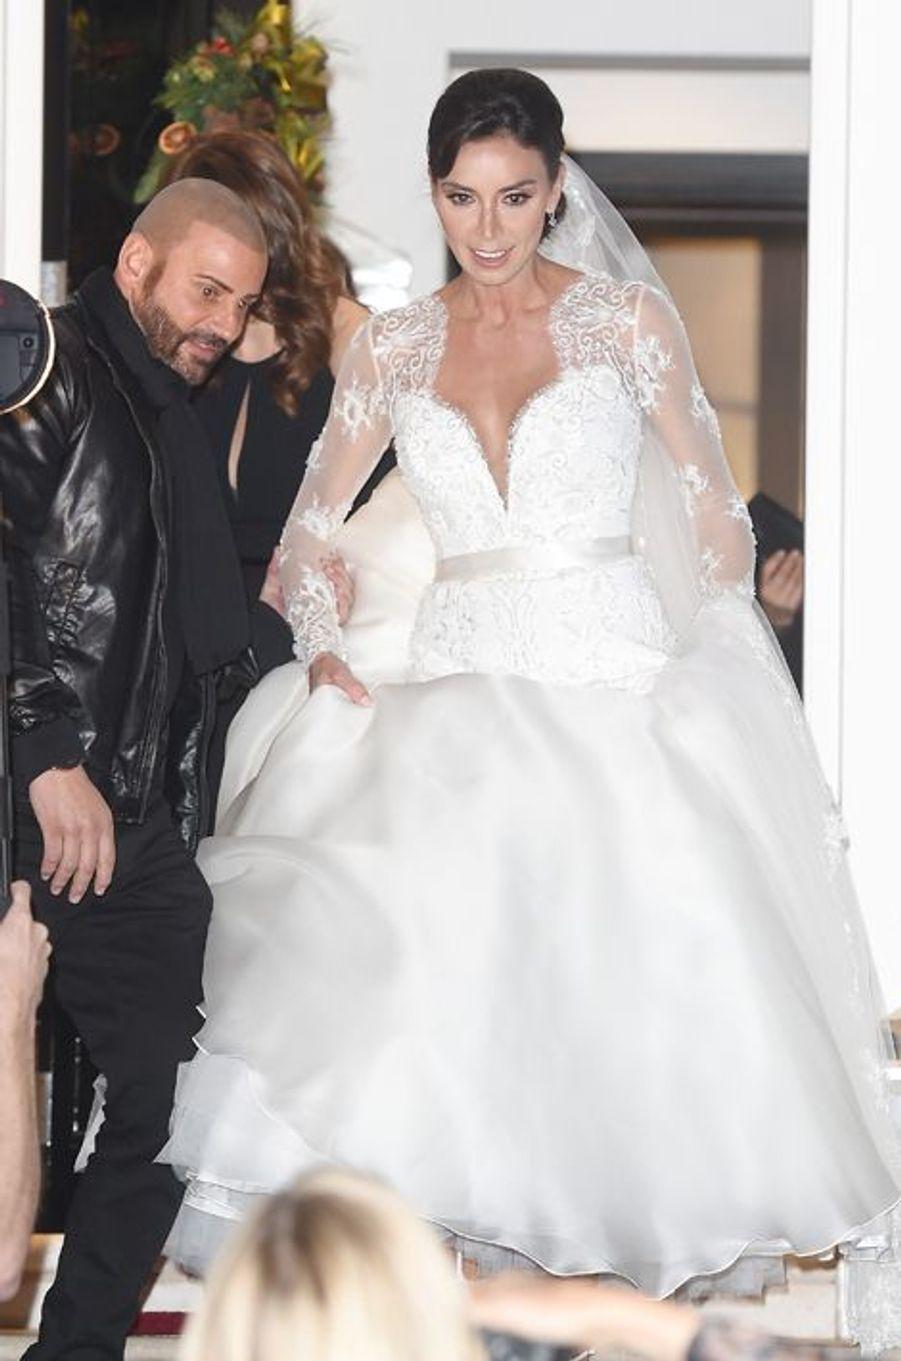 Le mariage de Frank Lampard et Christine Bleakley à Londres le 20 décembre 2015